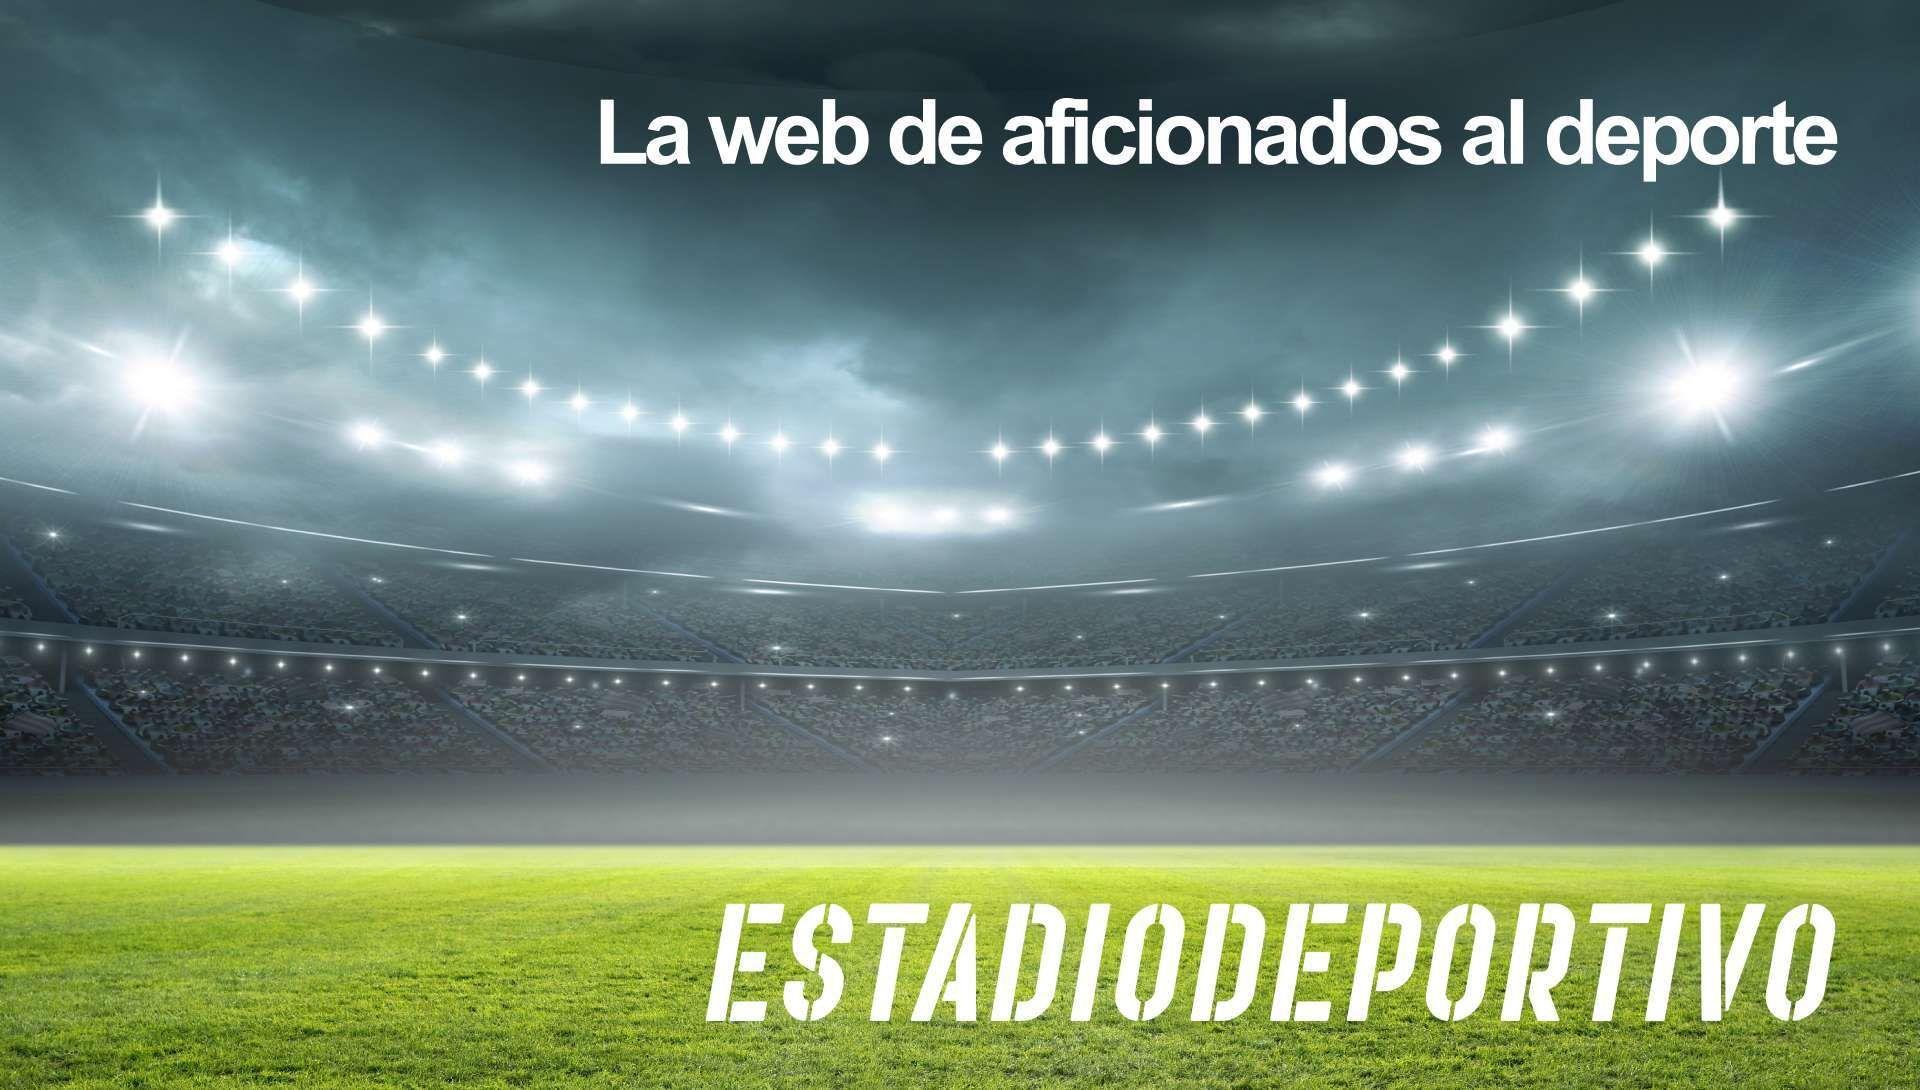 Las portadas del sábado 17 de abril